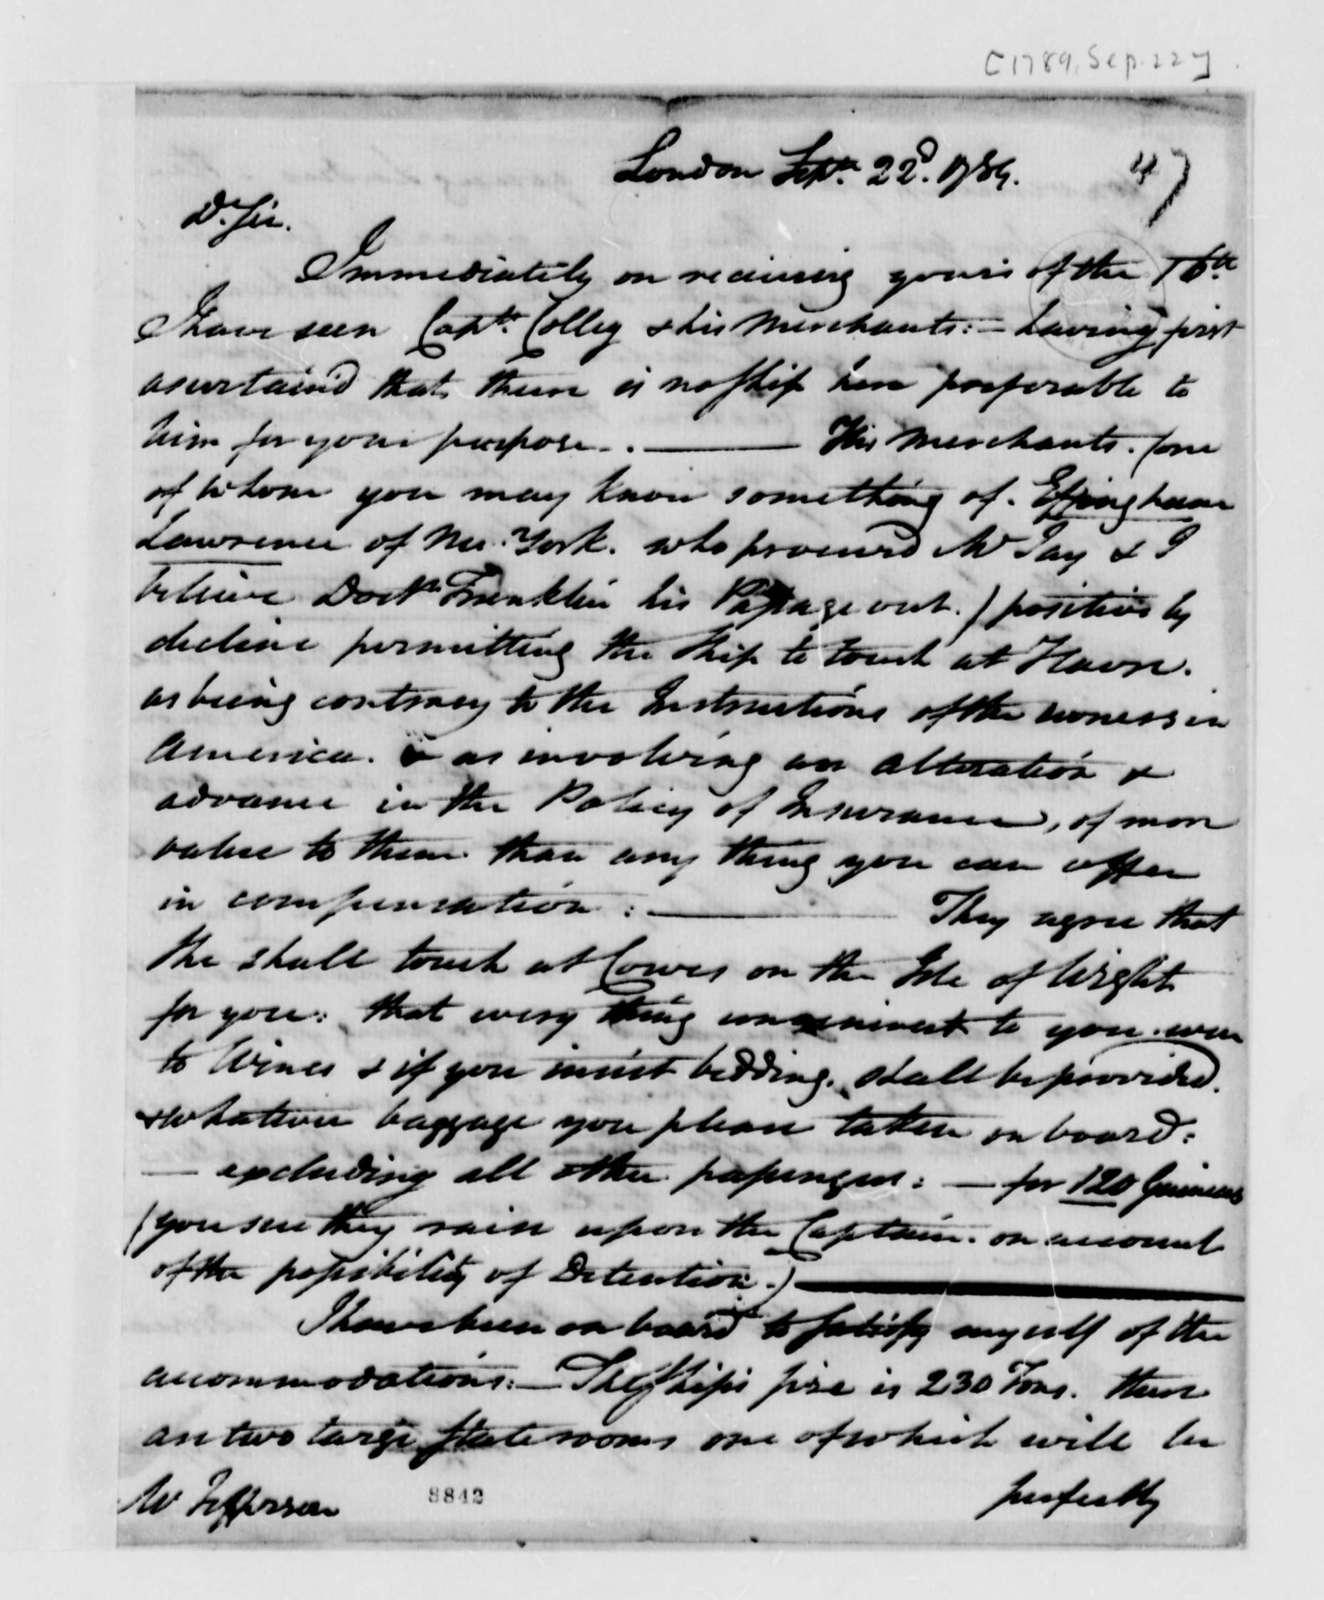 John Trumbull to Thomas Jefferson, September 22, 1789